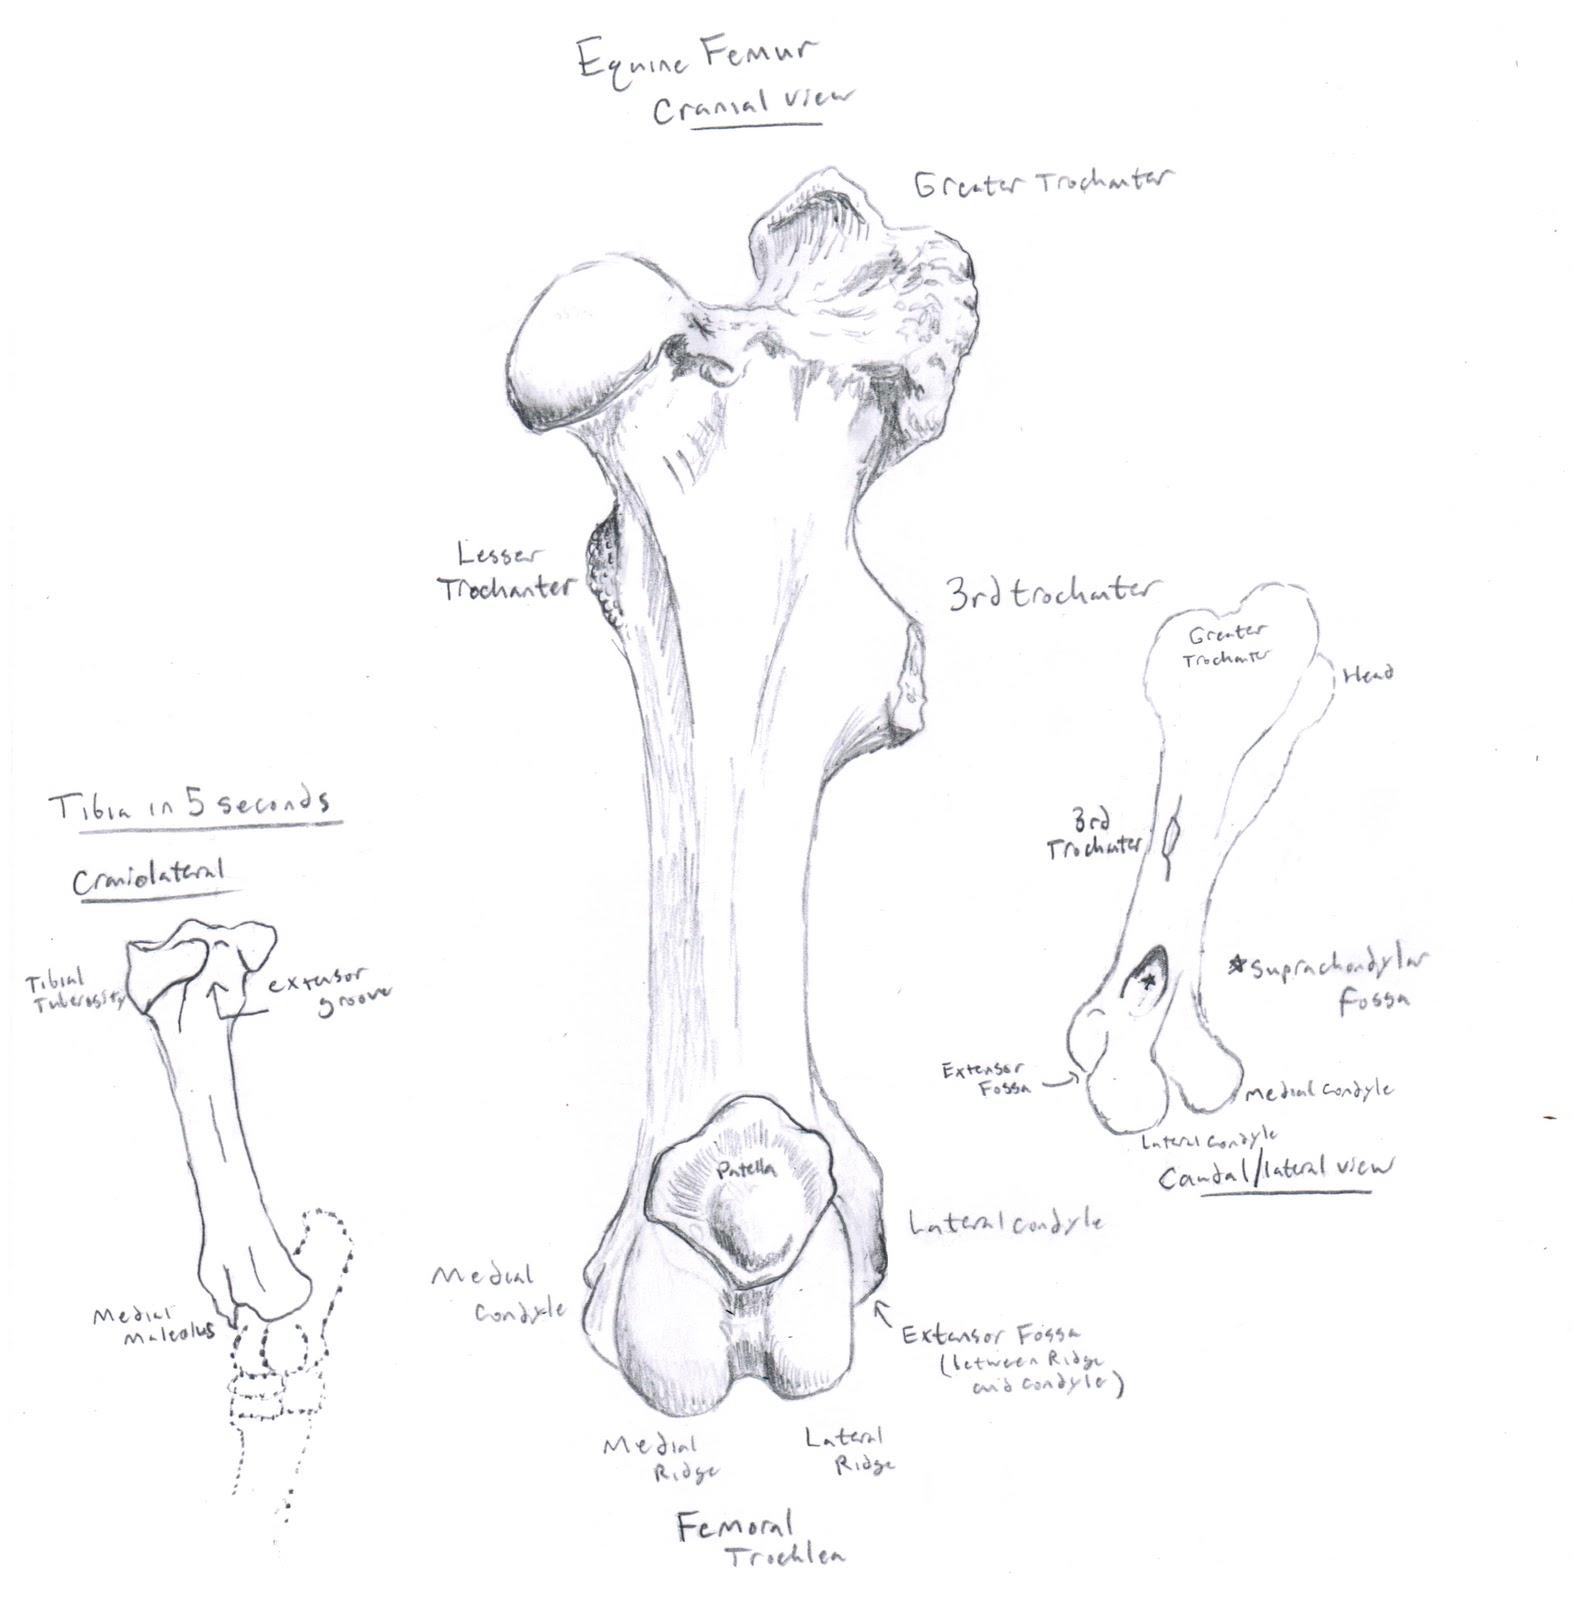 Chuck Does Art: Equine Osteology: Femur